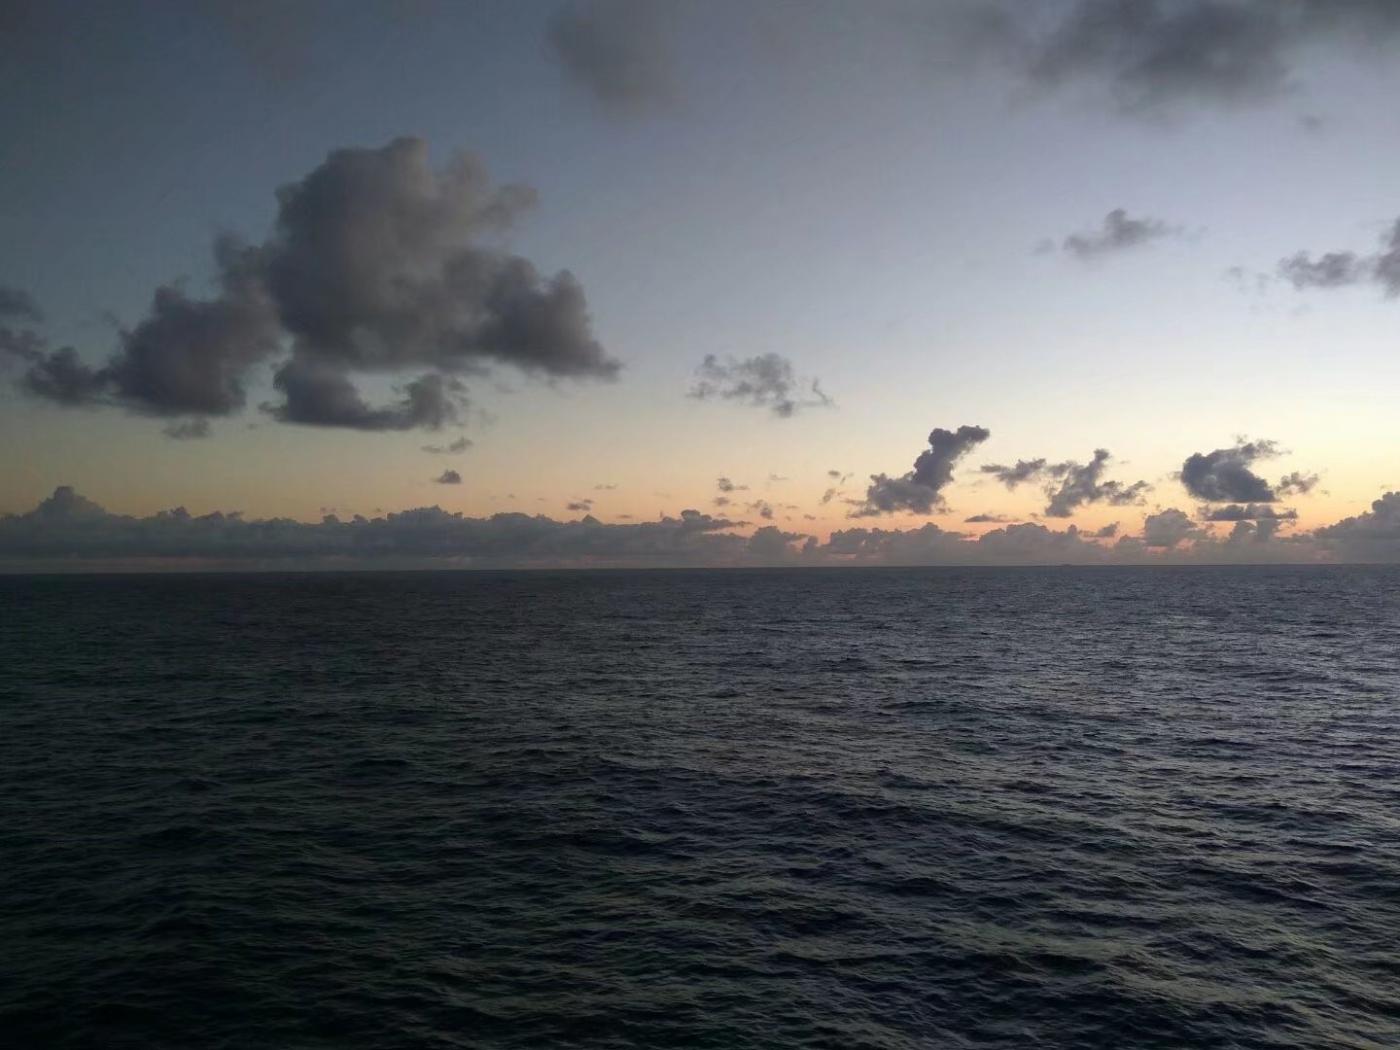 加勒比海日出(圖)_圖1-7